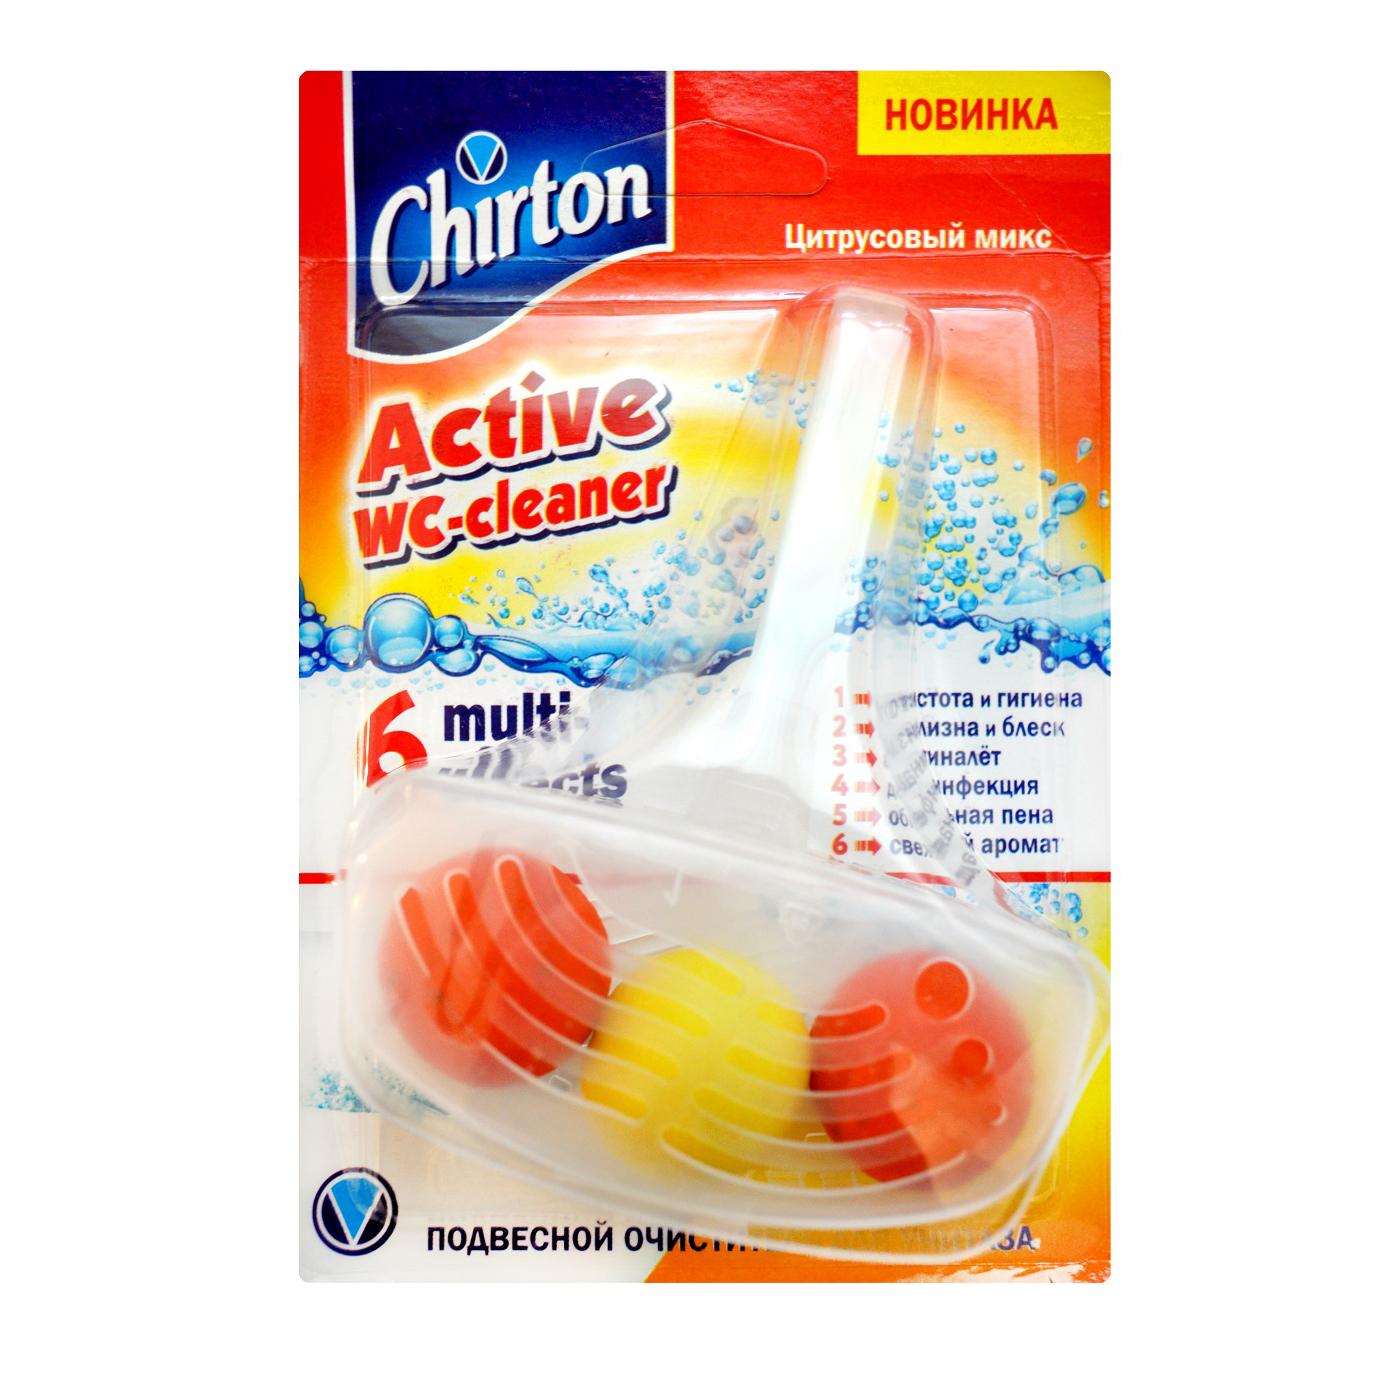 Фото - Подвесной очиститель для унитаза Chirton Цитрусовая свежесть 45 г чистящий кубик для унитаза chirton альпийская долина 3x50 г